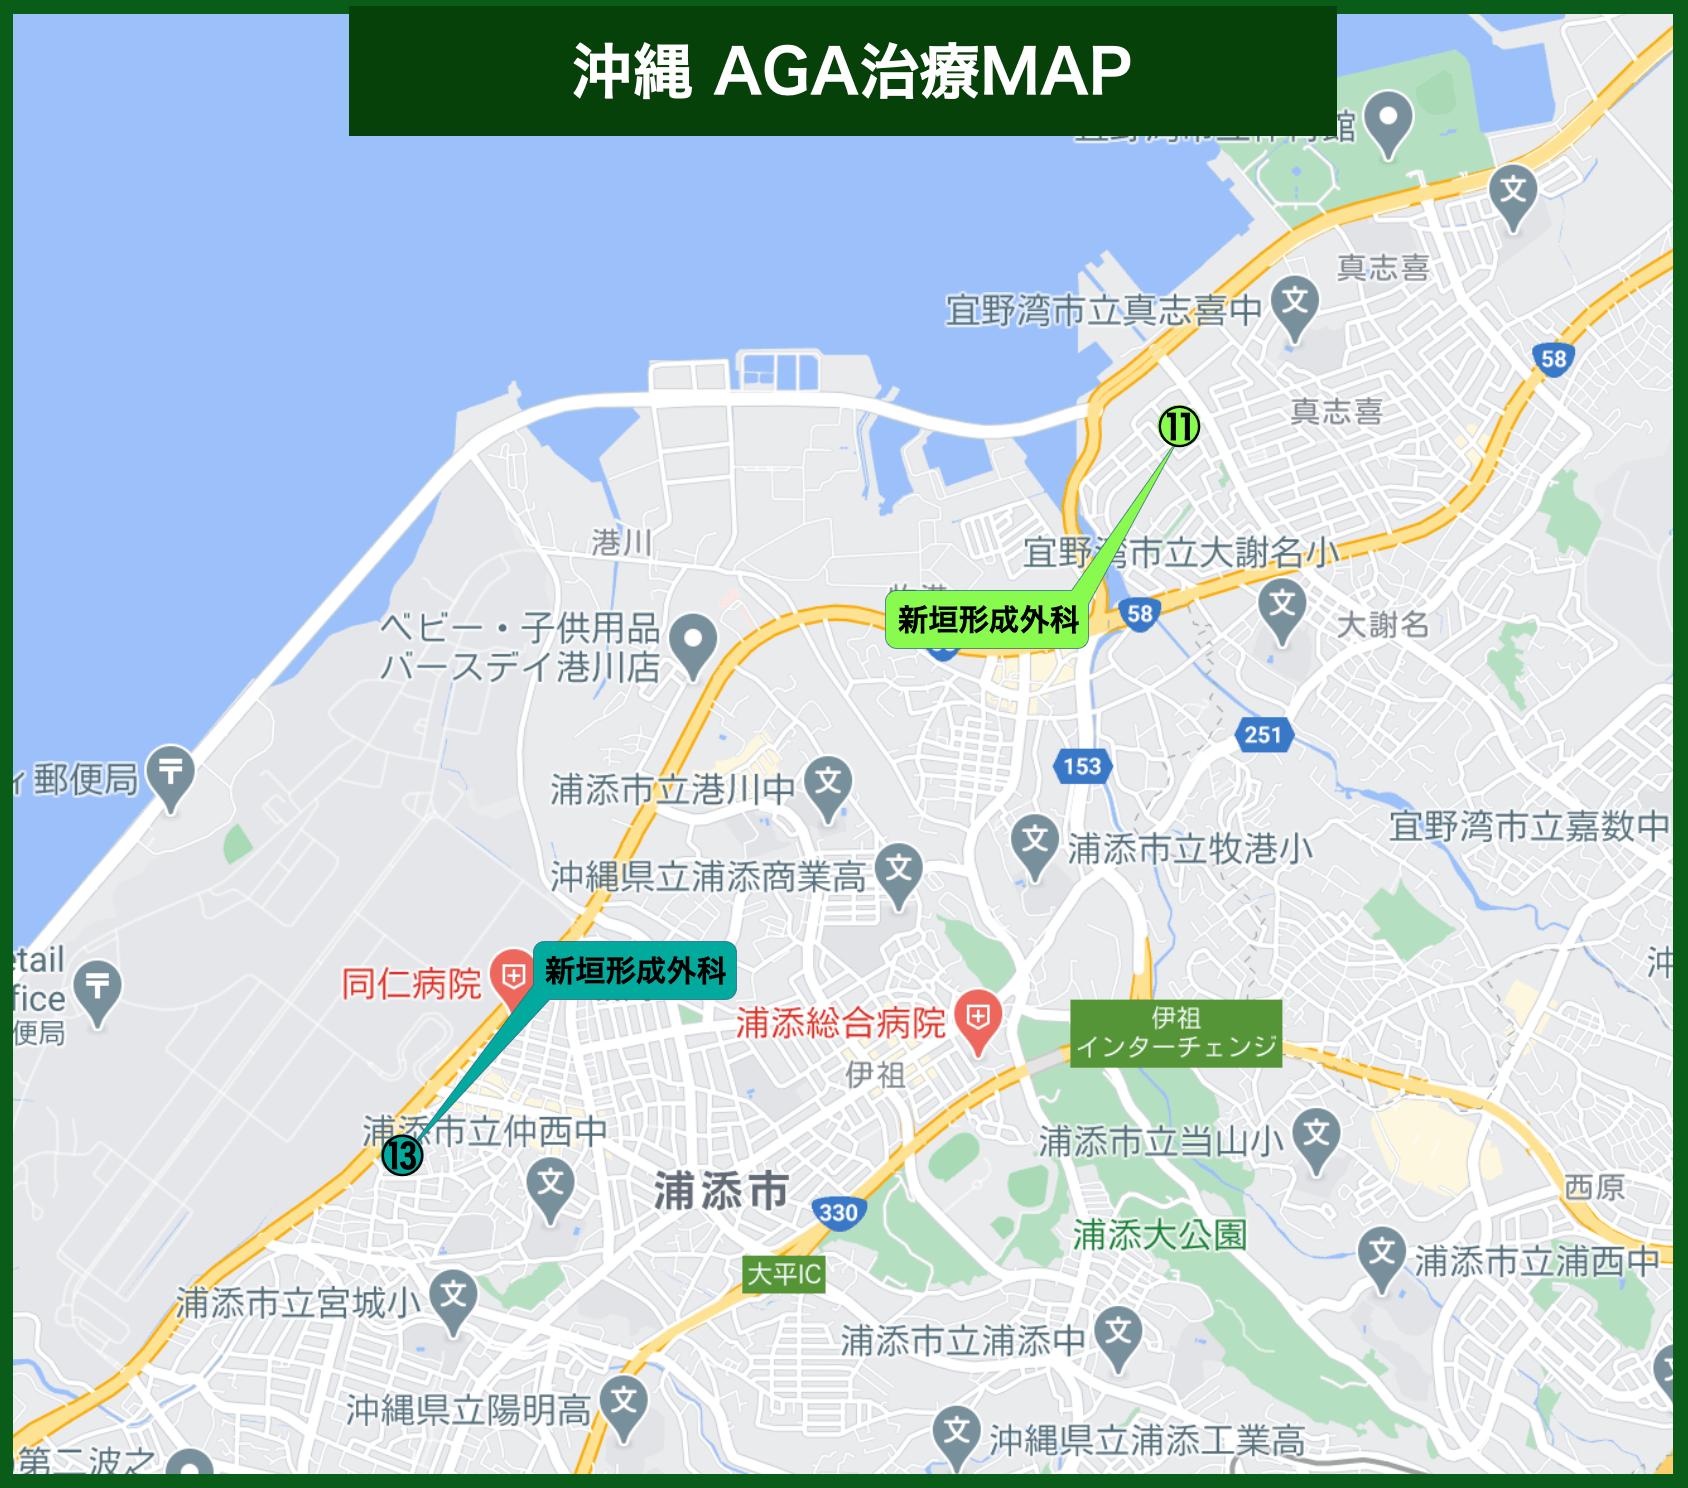 沖縄 AGA治療MAP